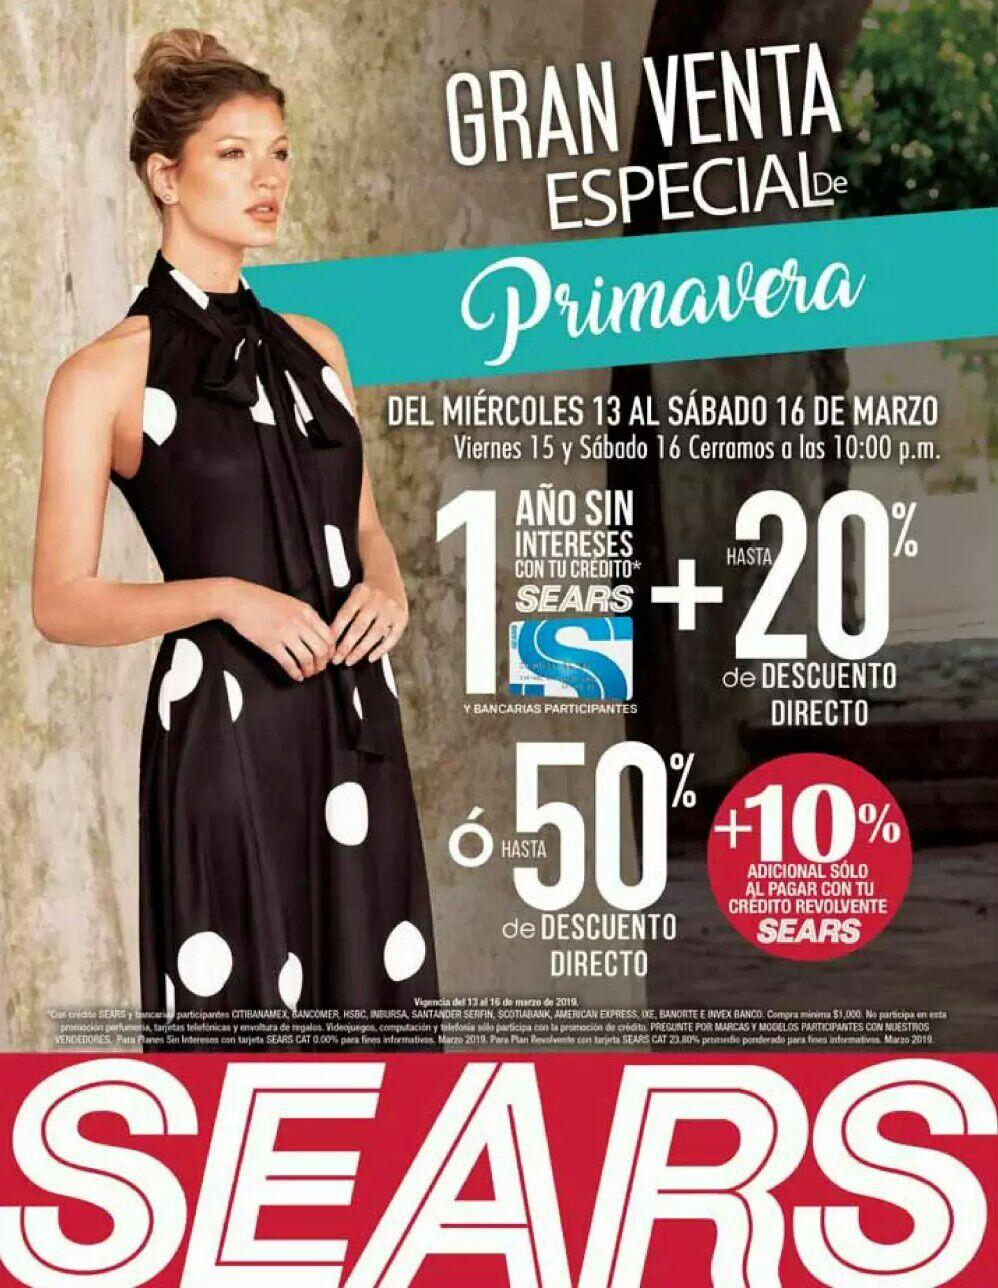 Sears  Gran Venta Especial de Primavera del Miércoles 13 al Sábado 16 de  Marzo 4065f66571a2